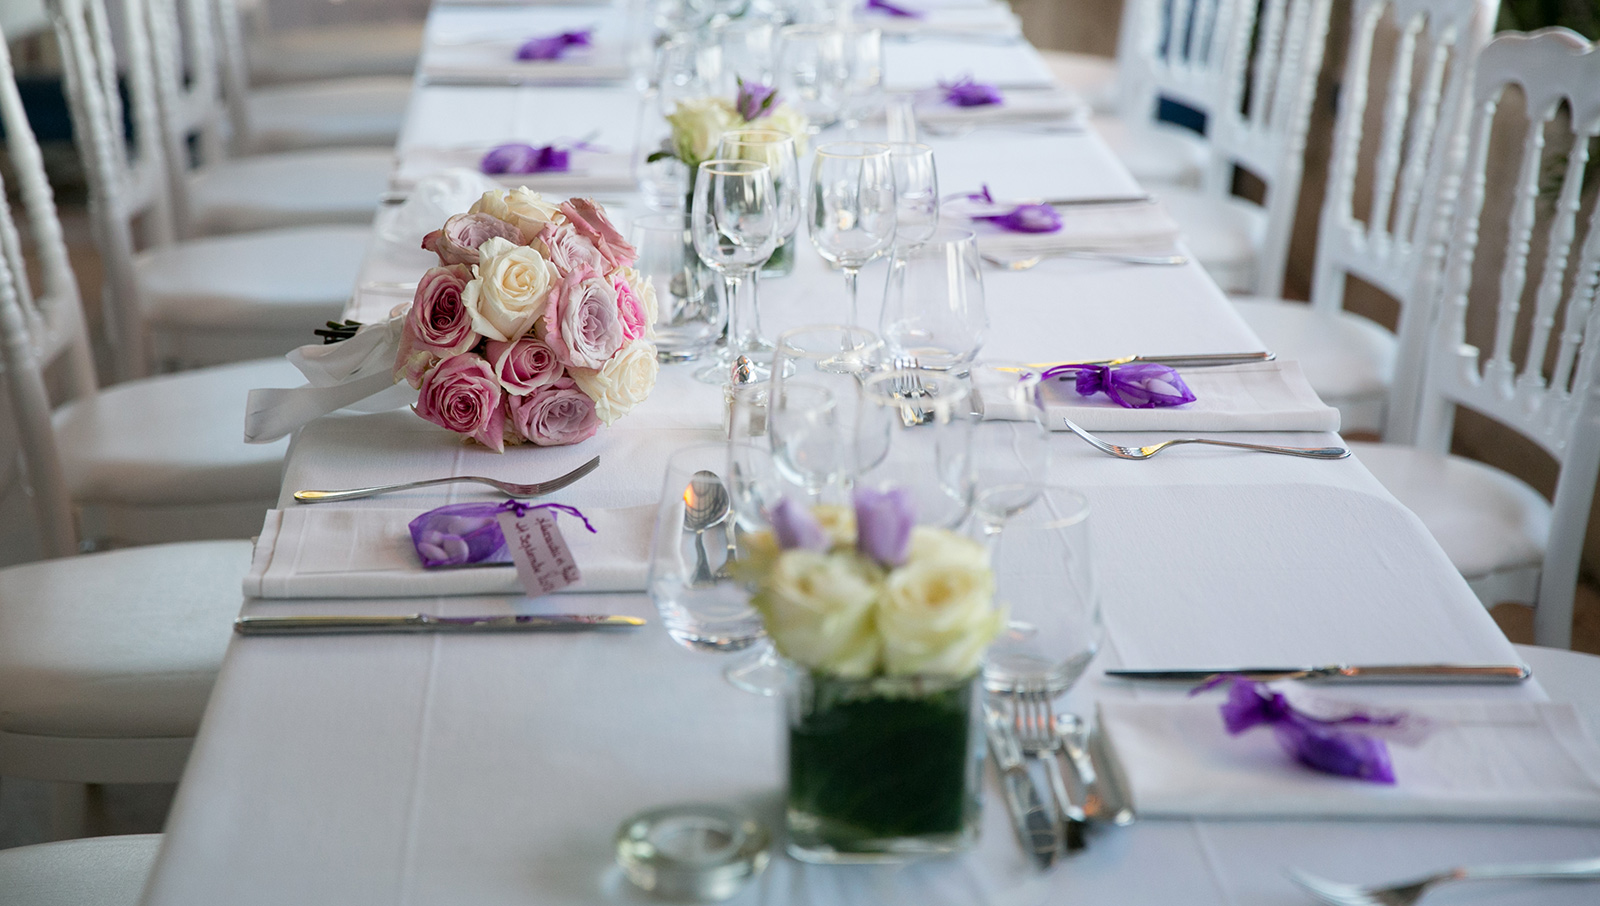 Id et photo d coration mariage decoration salle mariage luxe idee decora - Idee de decoration de salle de mariage ...